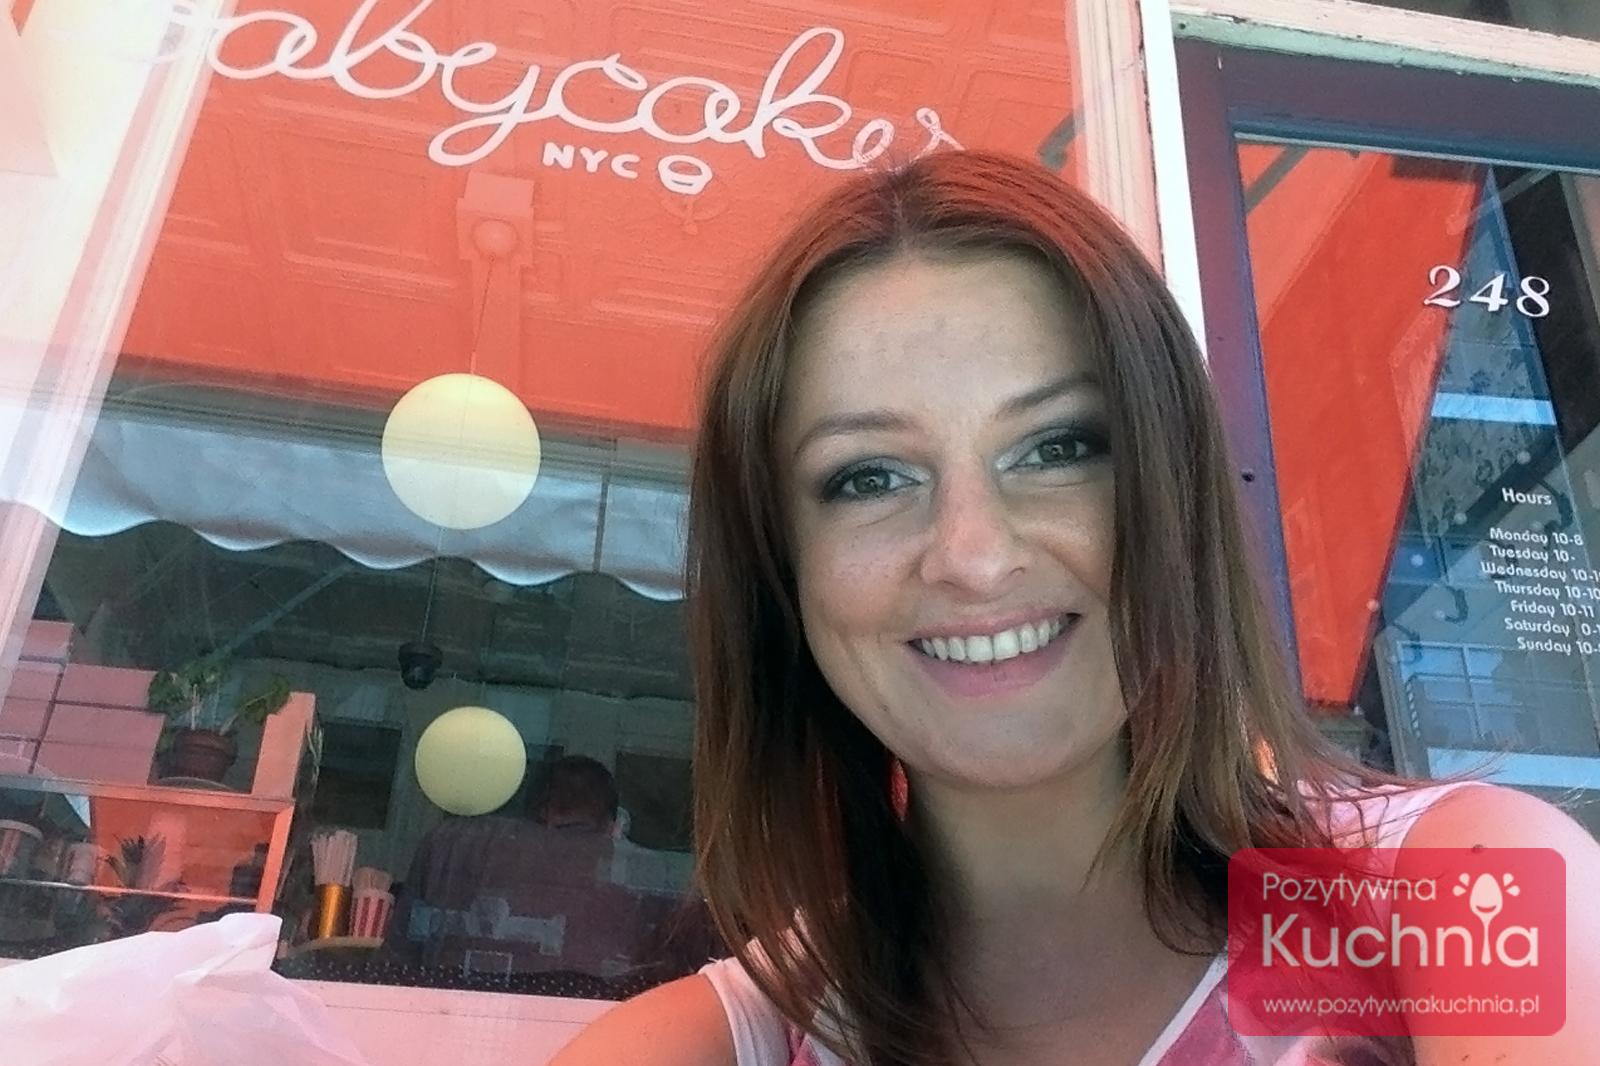 Dorota Kamińska w BabyCakes NYC